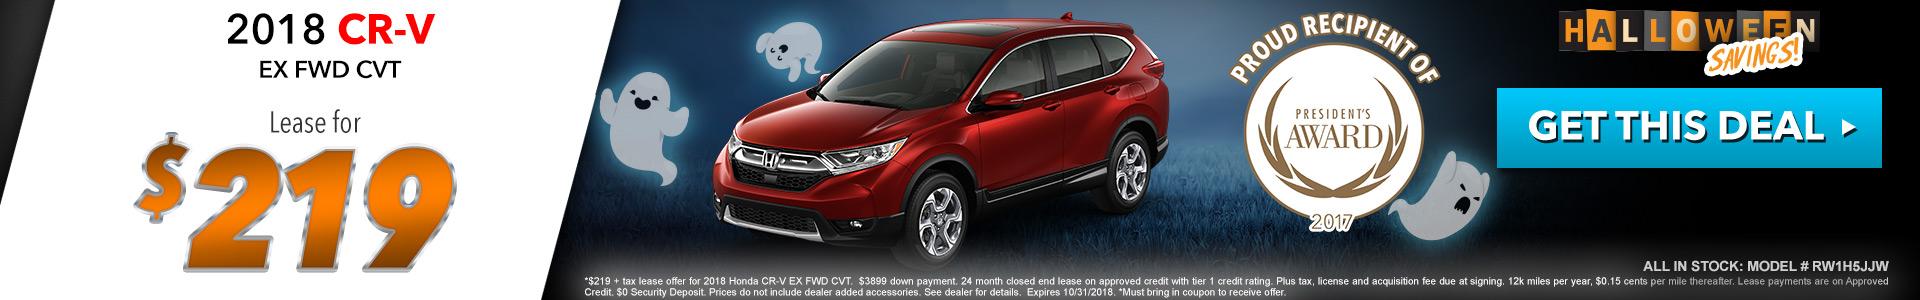 Honda CR-V $219 Lease